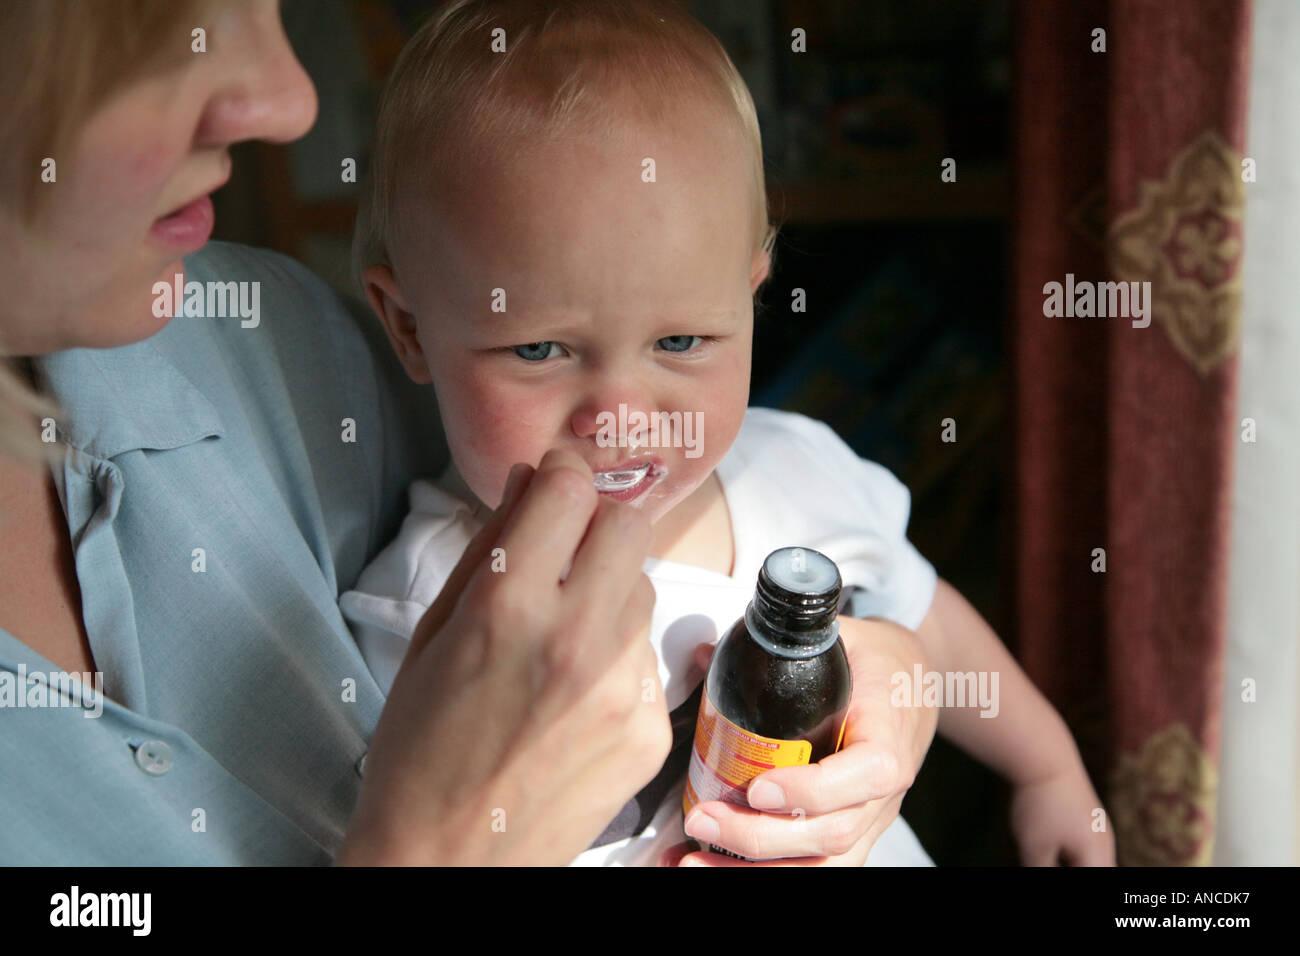 Étant donné bébé cuillère de medicine Photo Stock